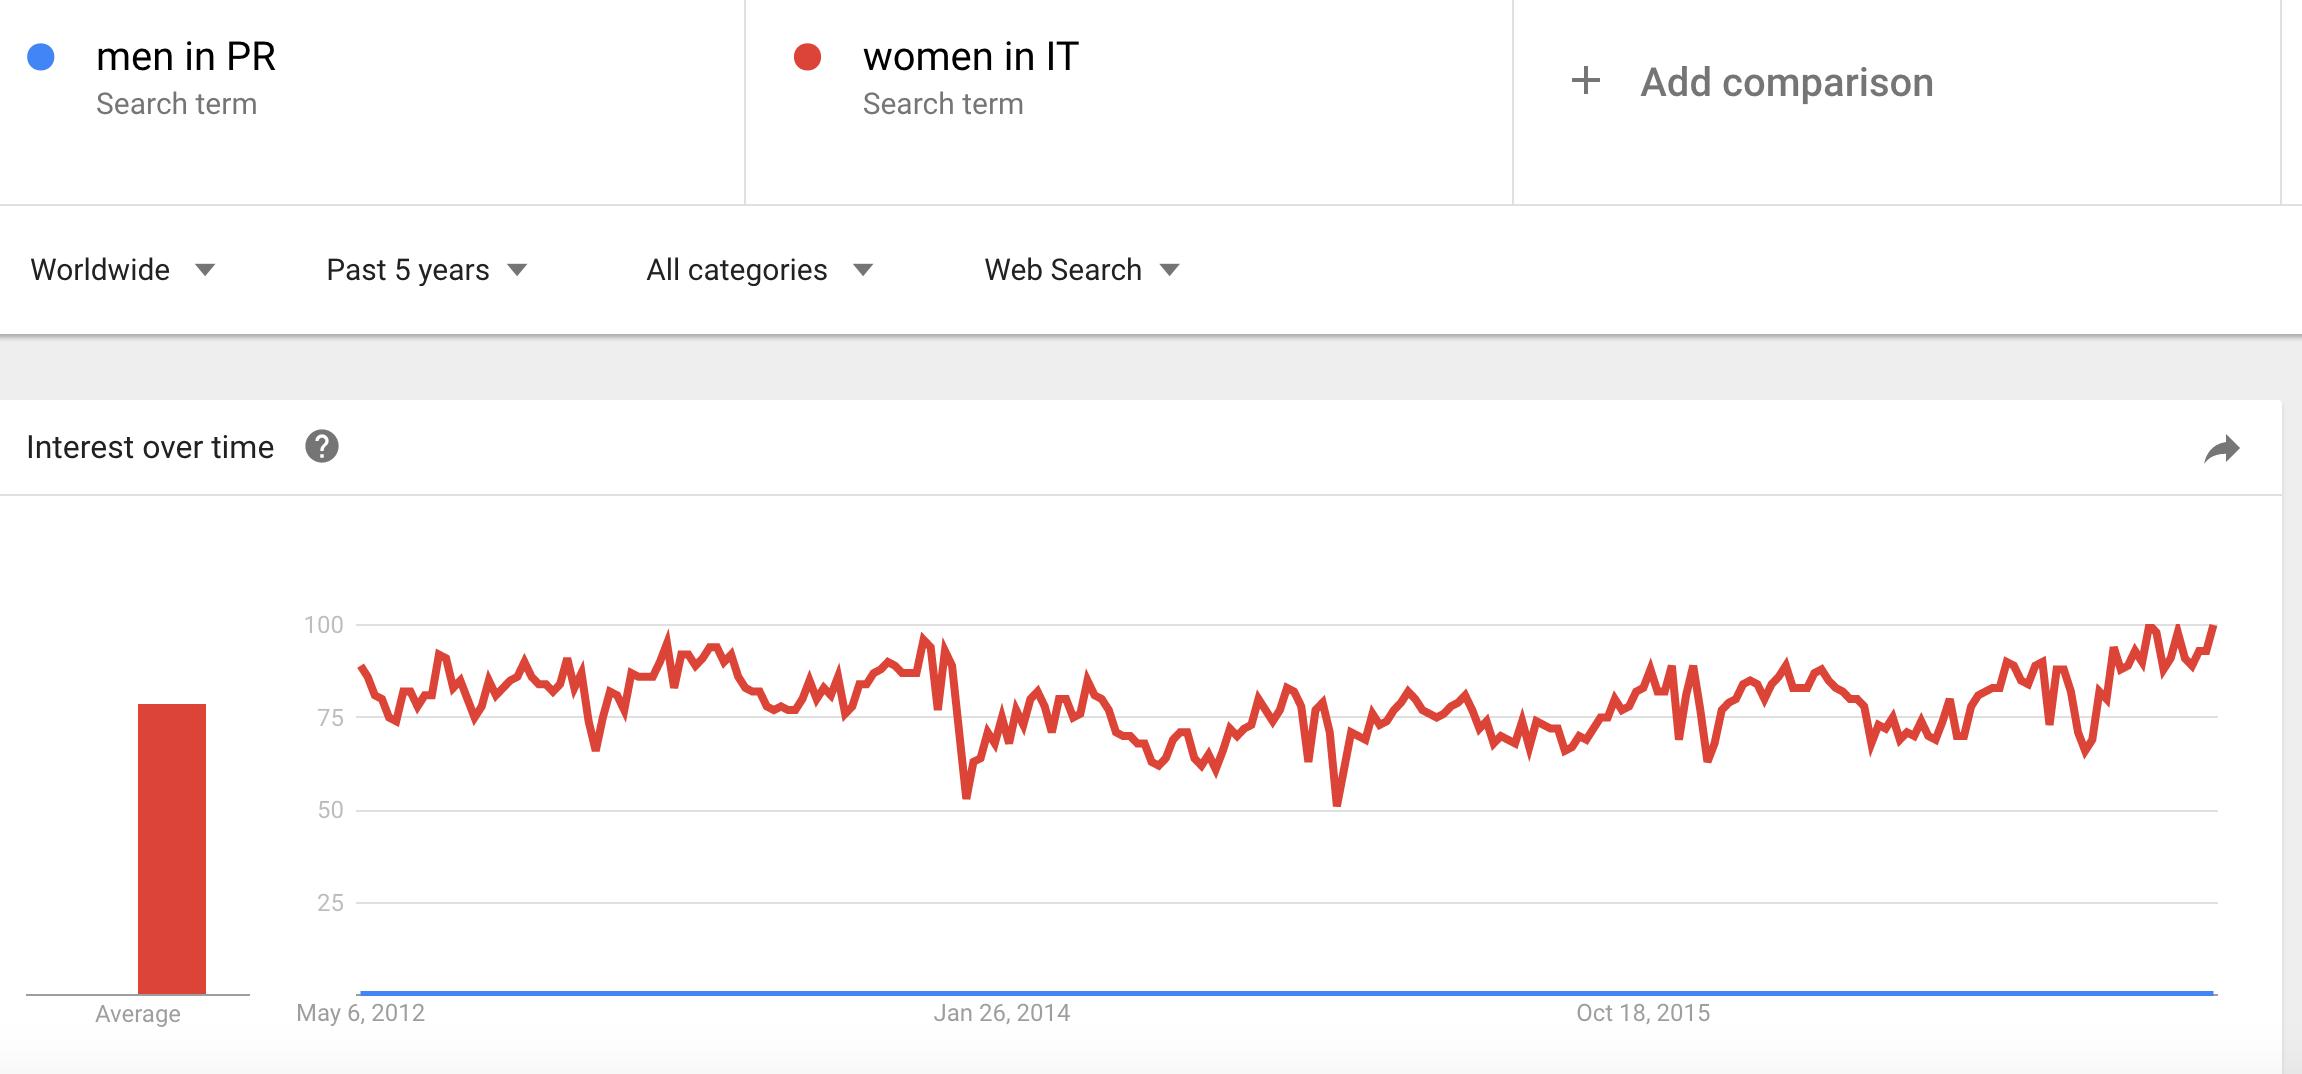 Men in PR and women in IT trends